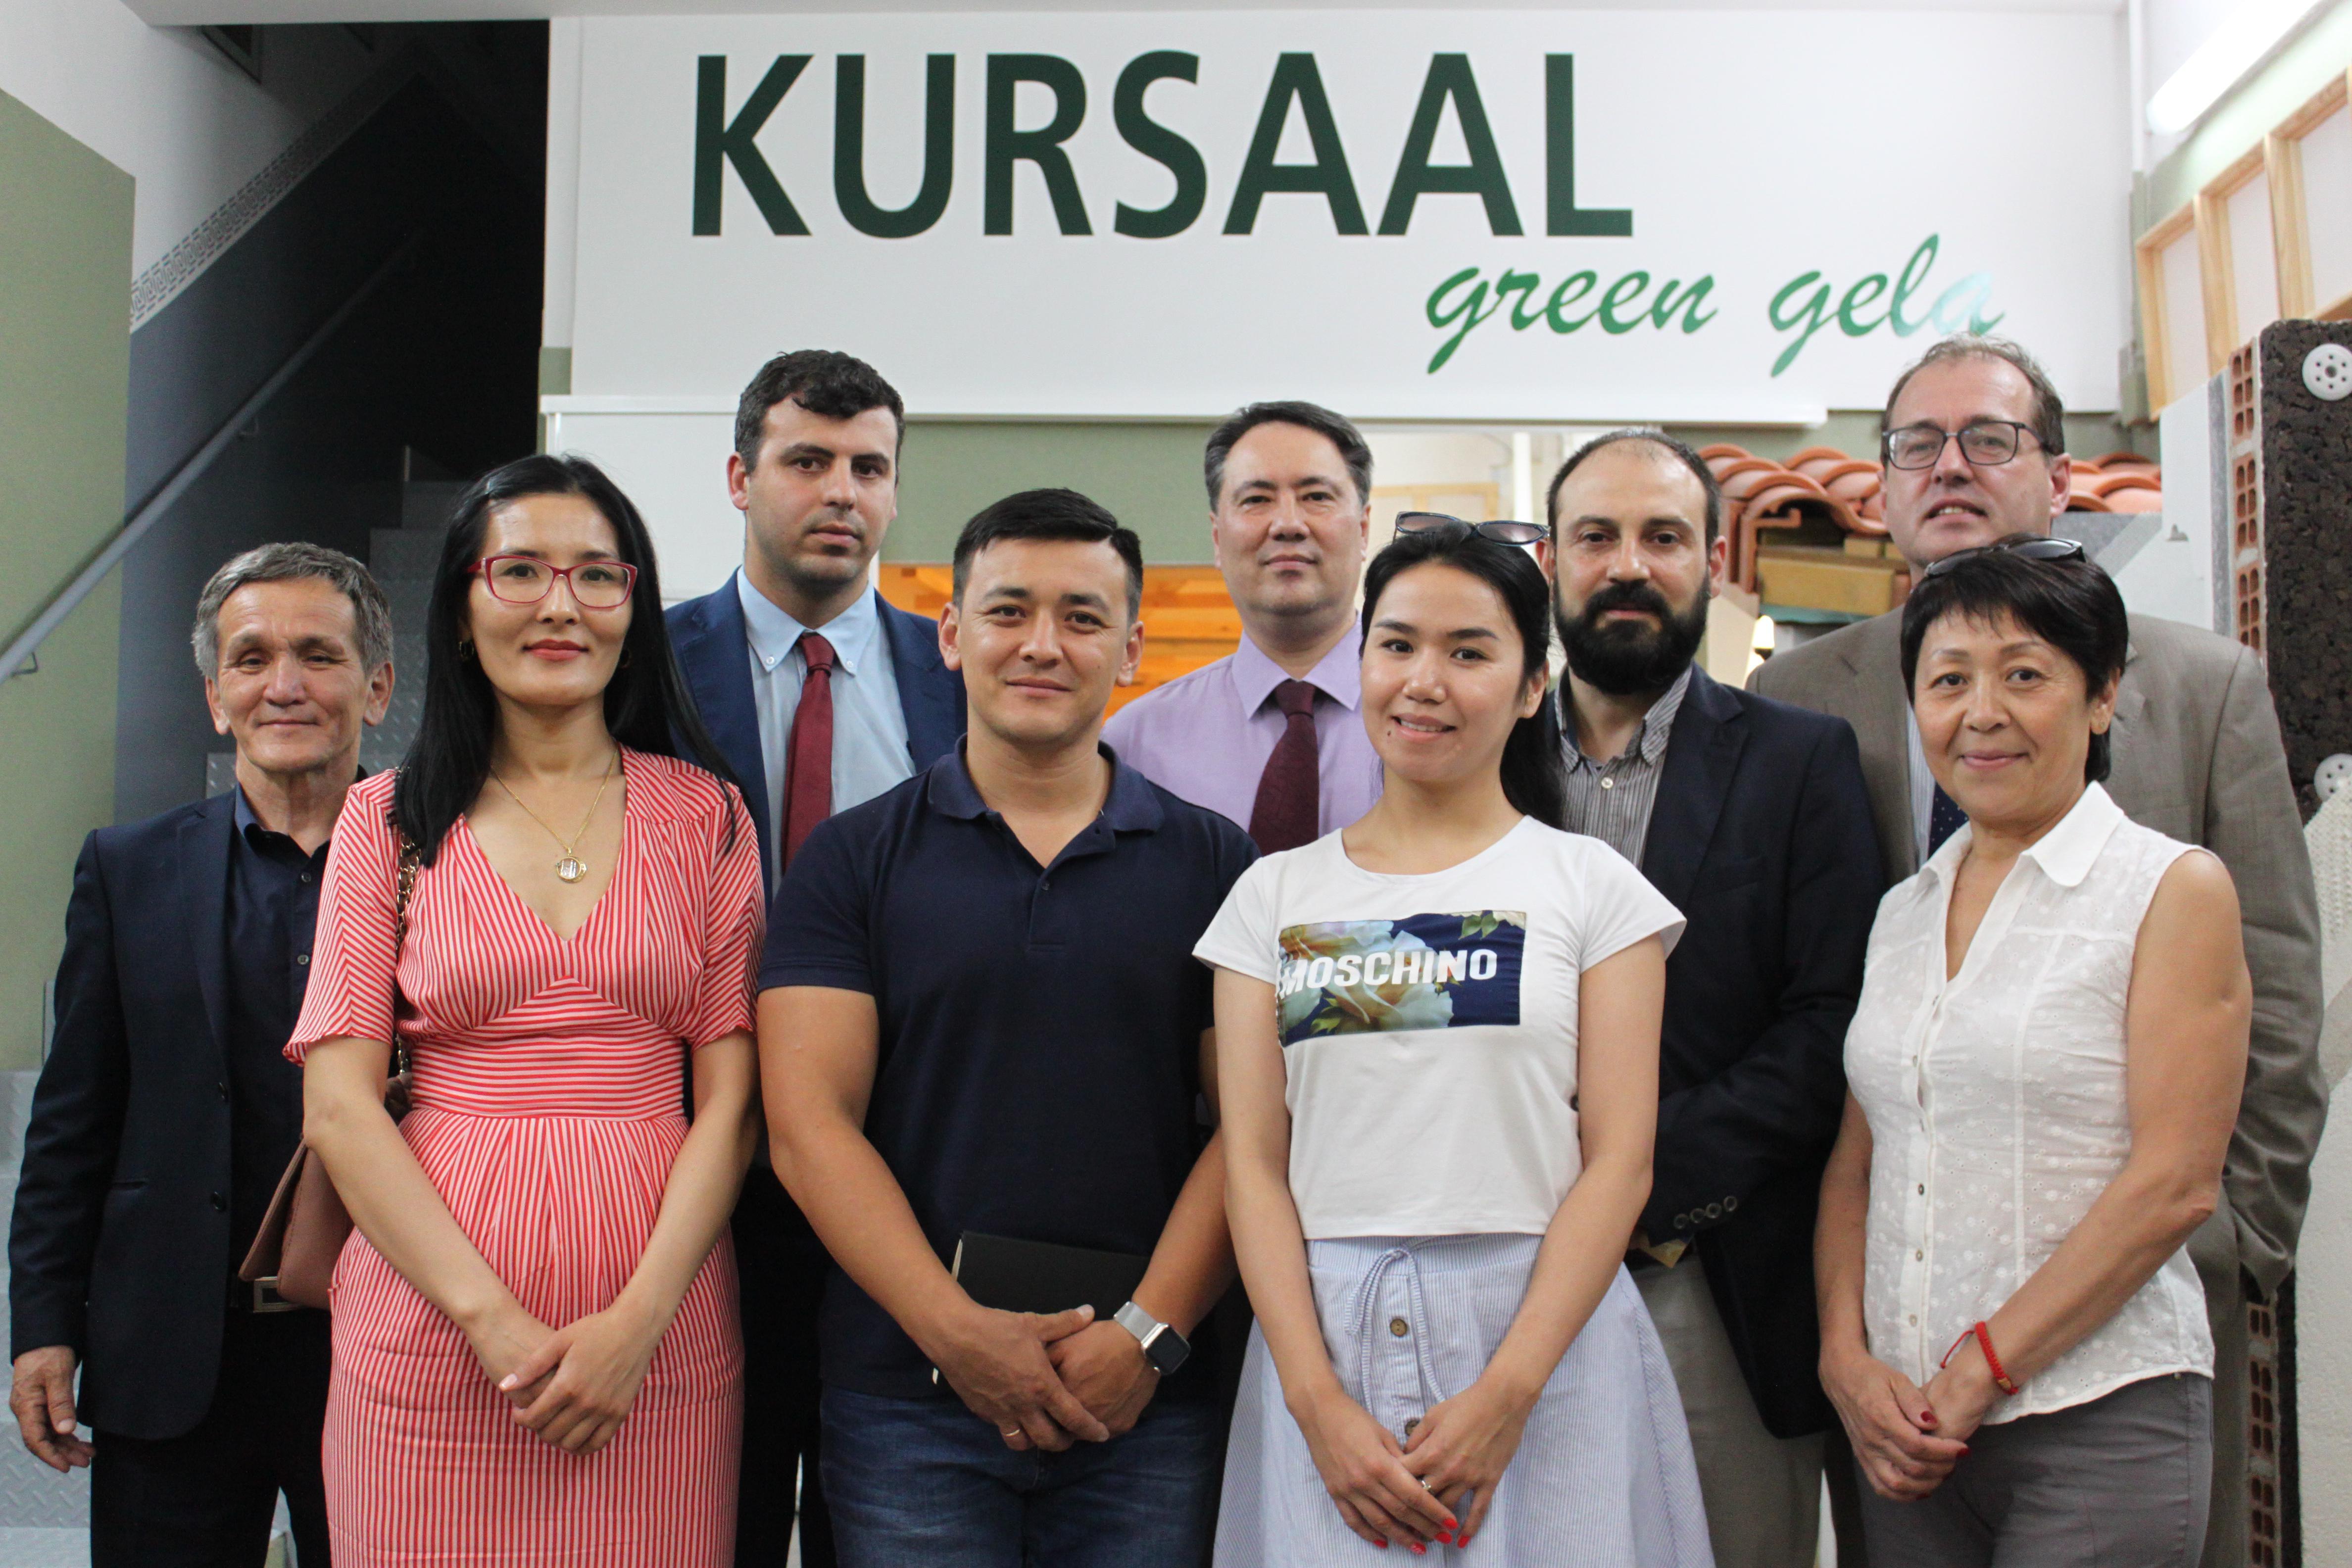 foto noticia: Una delegación de empresas e Instituciones de Kazajistán visitan Kursaal Green Gela